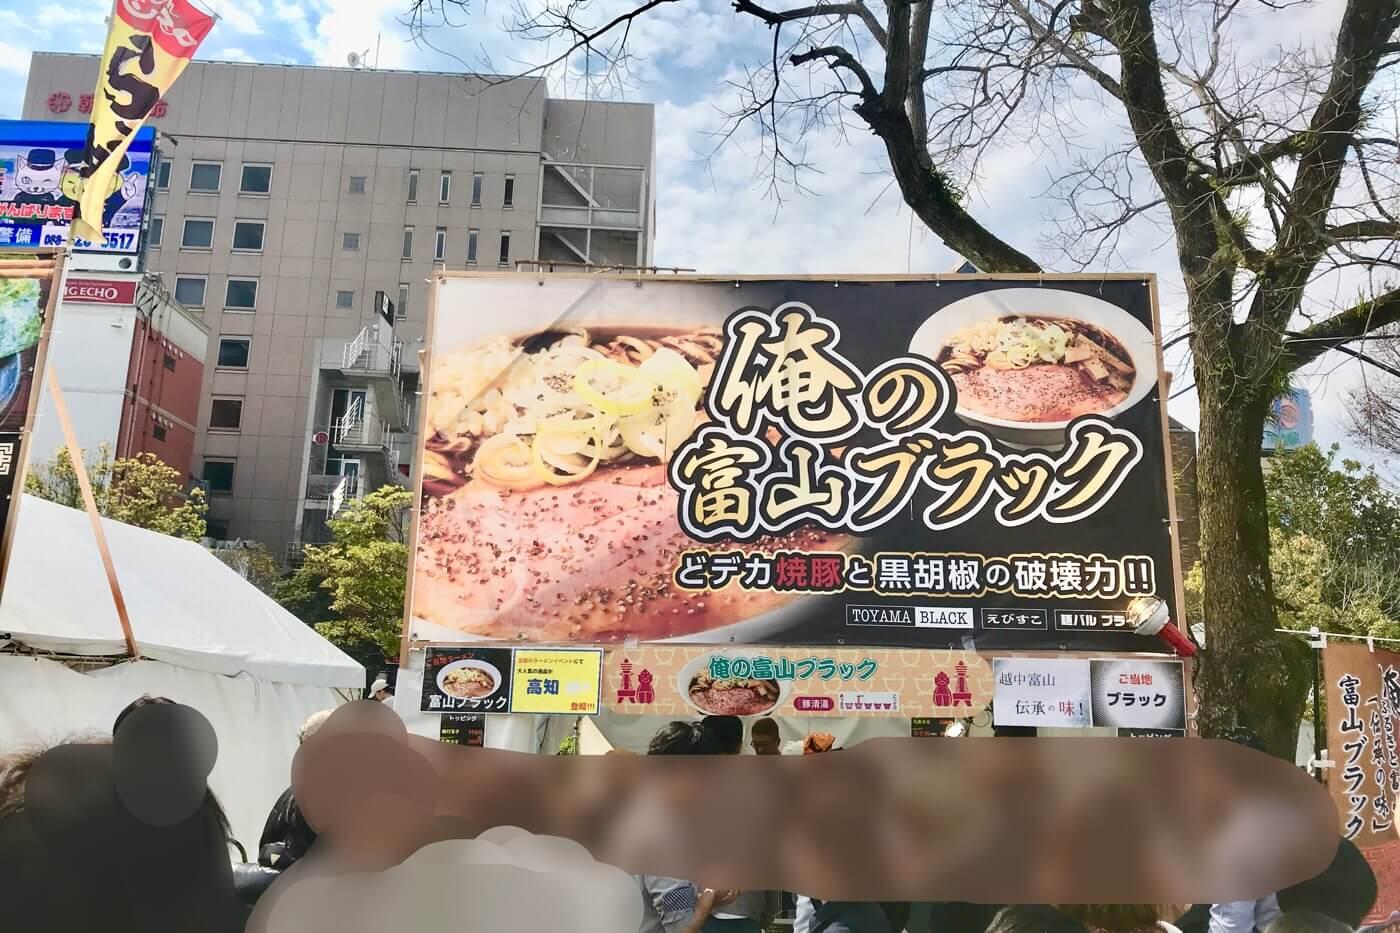 第1回こうちラーメン博 高知中央公園会場 えびすこ ブース